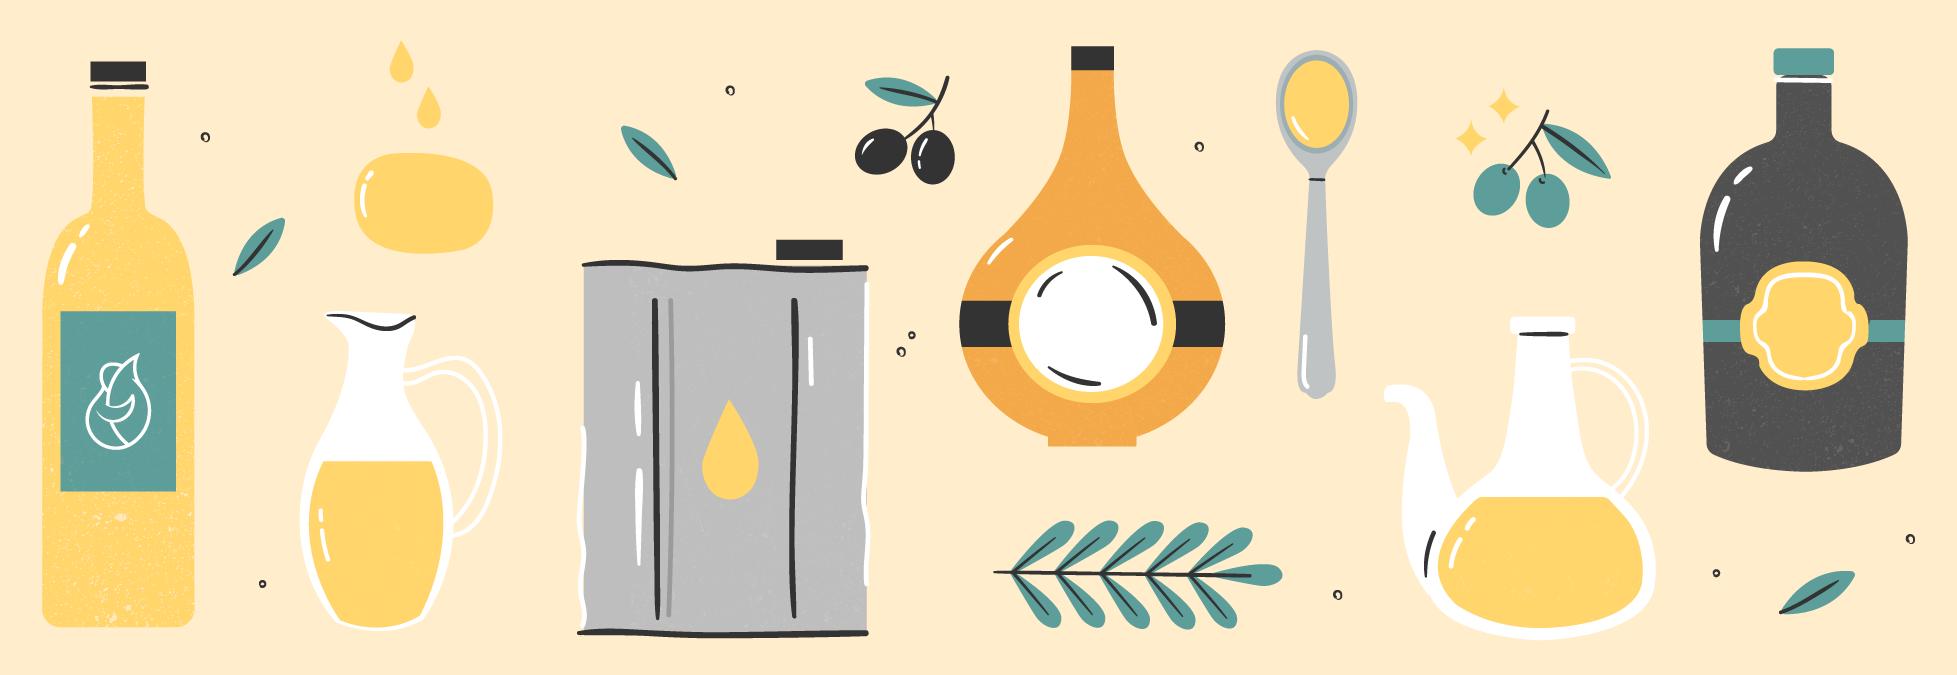 Illustration von Flaschen und Dosen von nativem Olivenöl extra